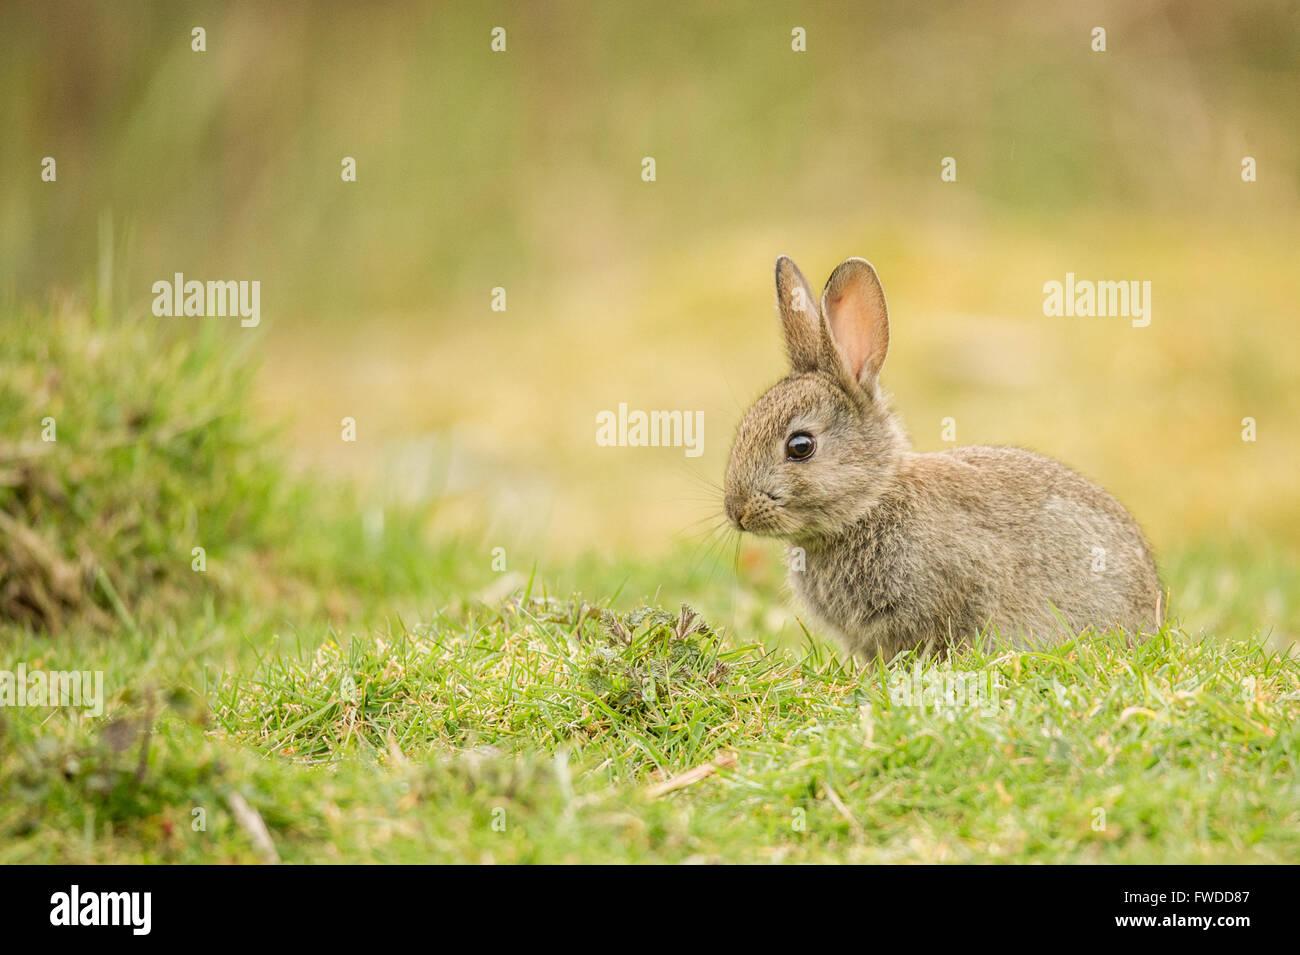 Un adorable conejo bebé fotografiado en el medio silvestre. Foto de stock